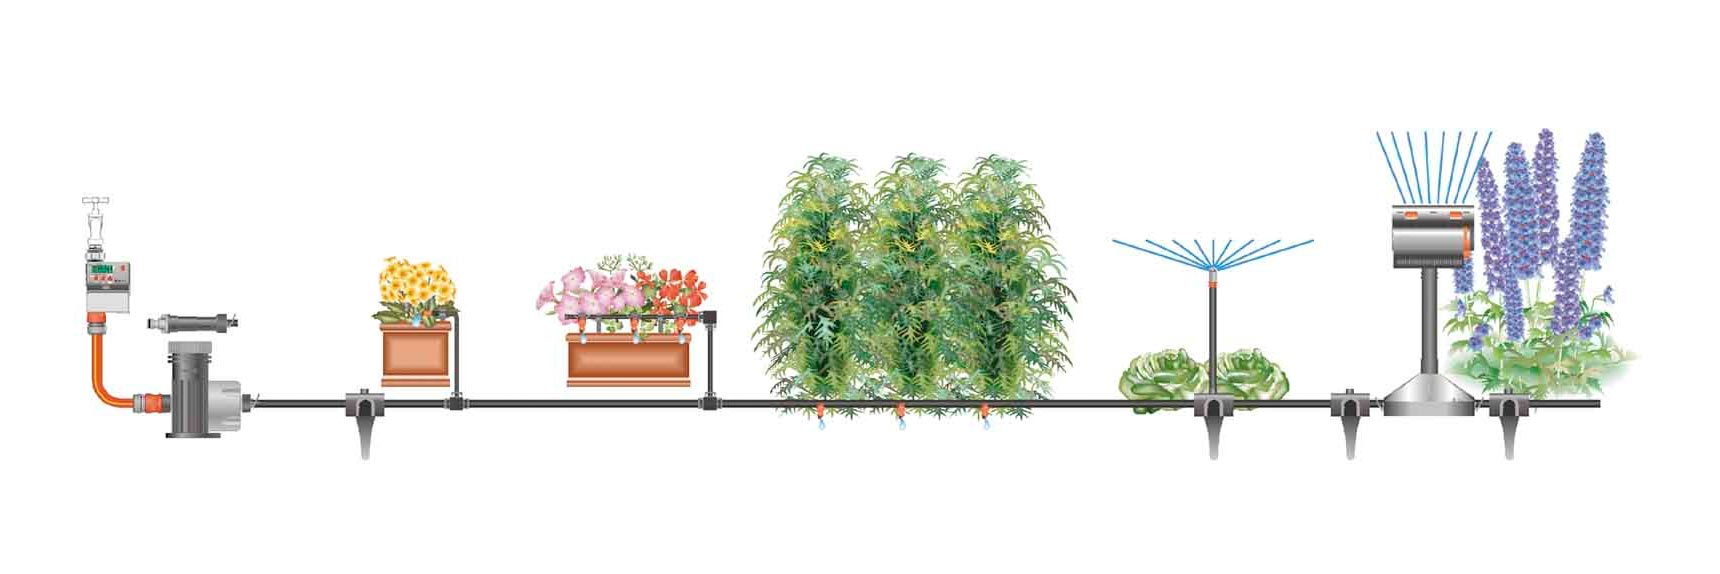 Comment Arroser Mes Plantes Pendant Les Vacances choisir son système d'arrosage de vacances pour balcons